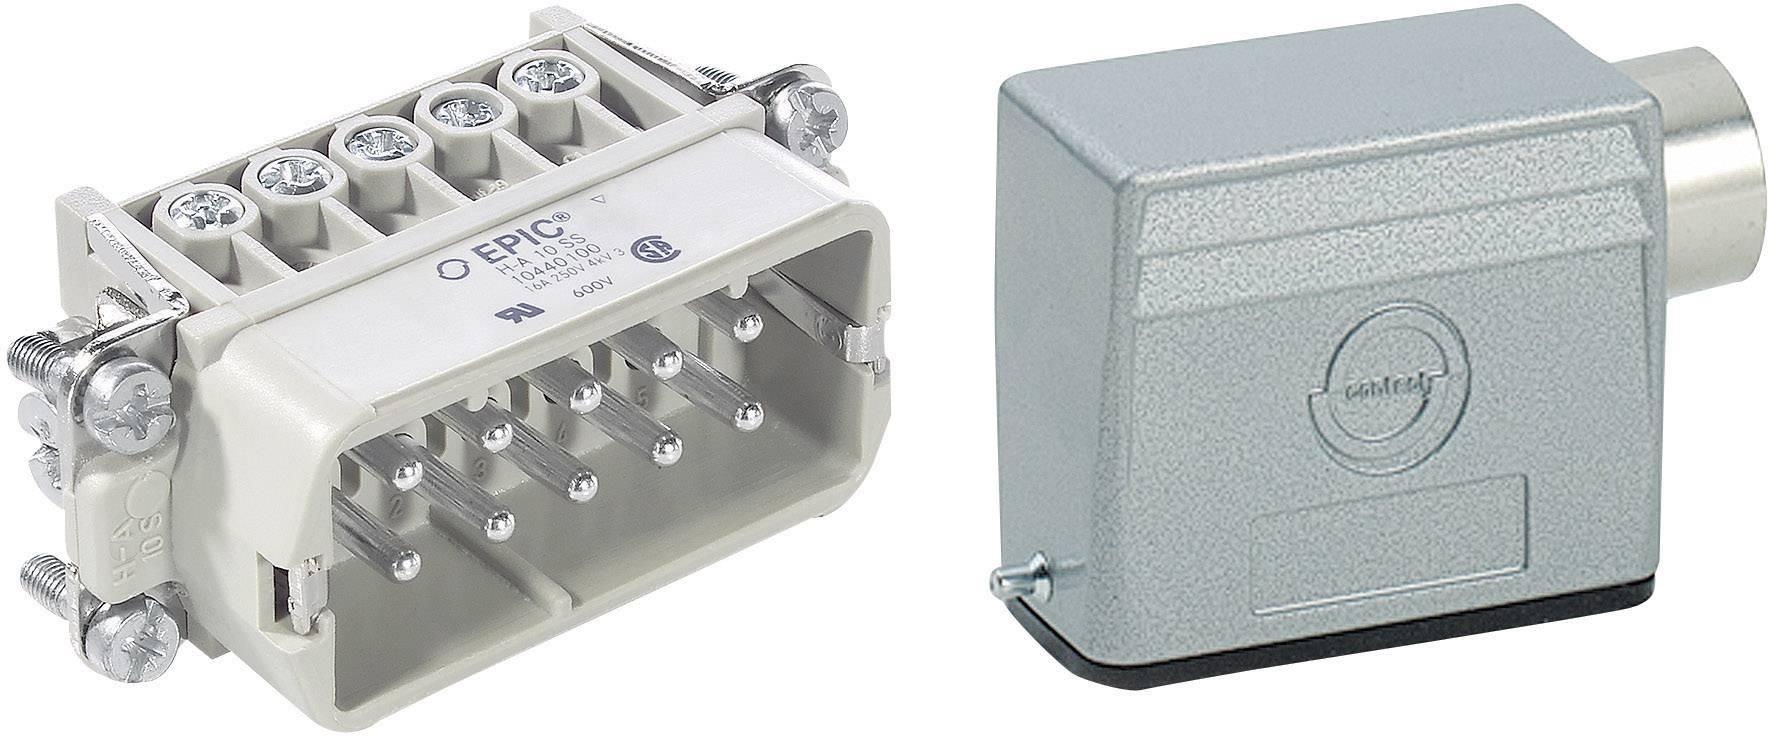 Sada konektorů EPIC®KIT H-A 10 75009626 LappKabel 10 + PE šroubovací 1 sada